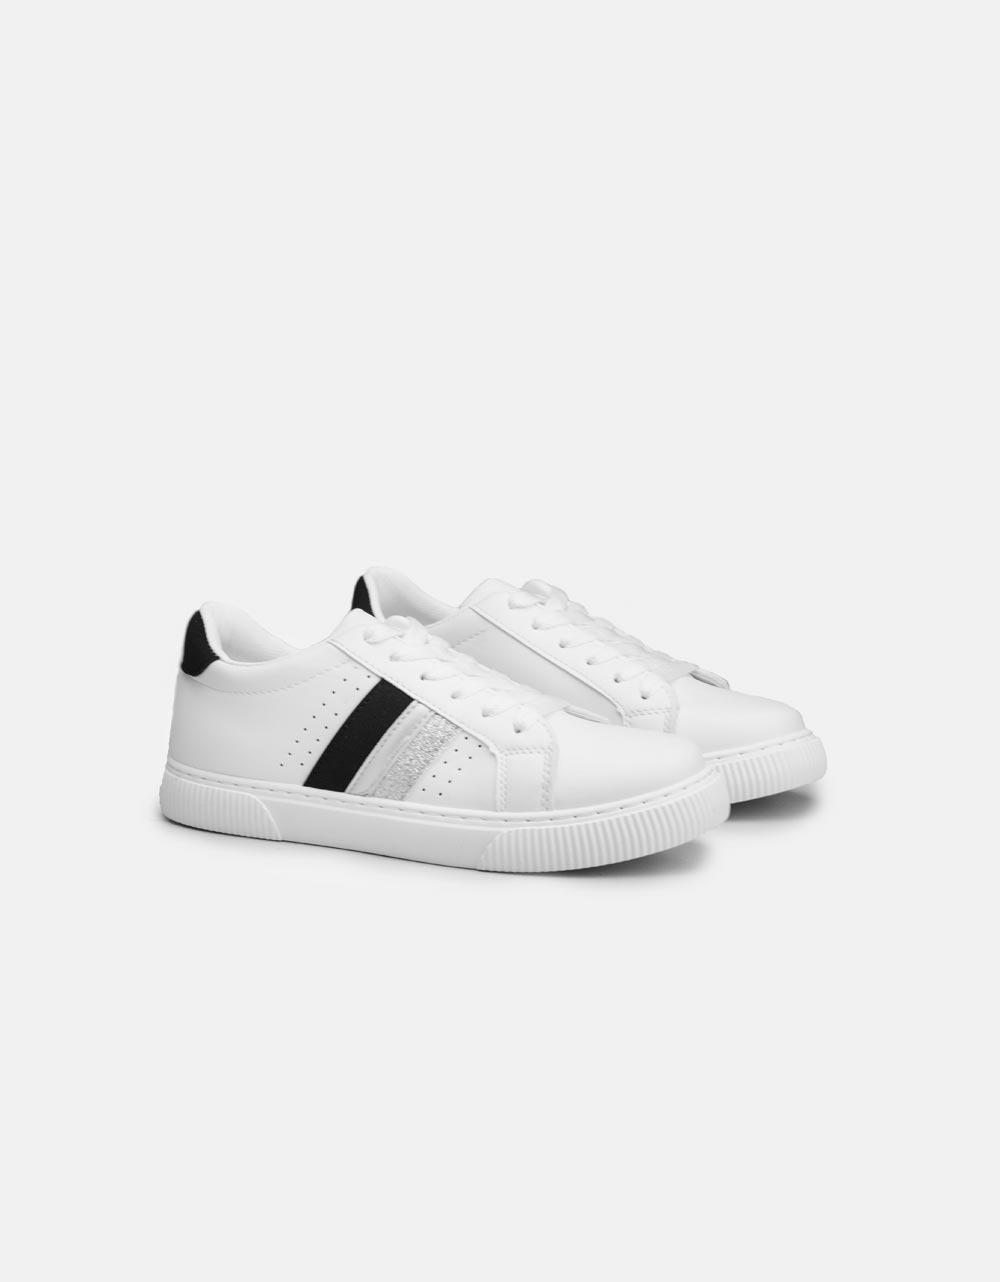 Εικόνα από Γυναικεία sneakers basic με ρίγες στο πλαινό μέρος Λευκό/Μαύρο